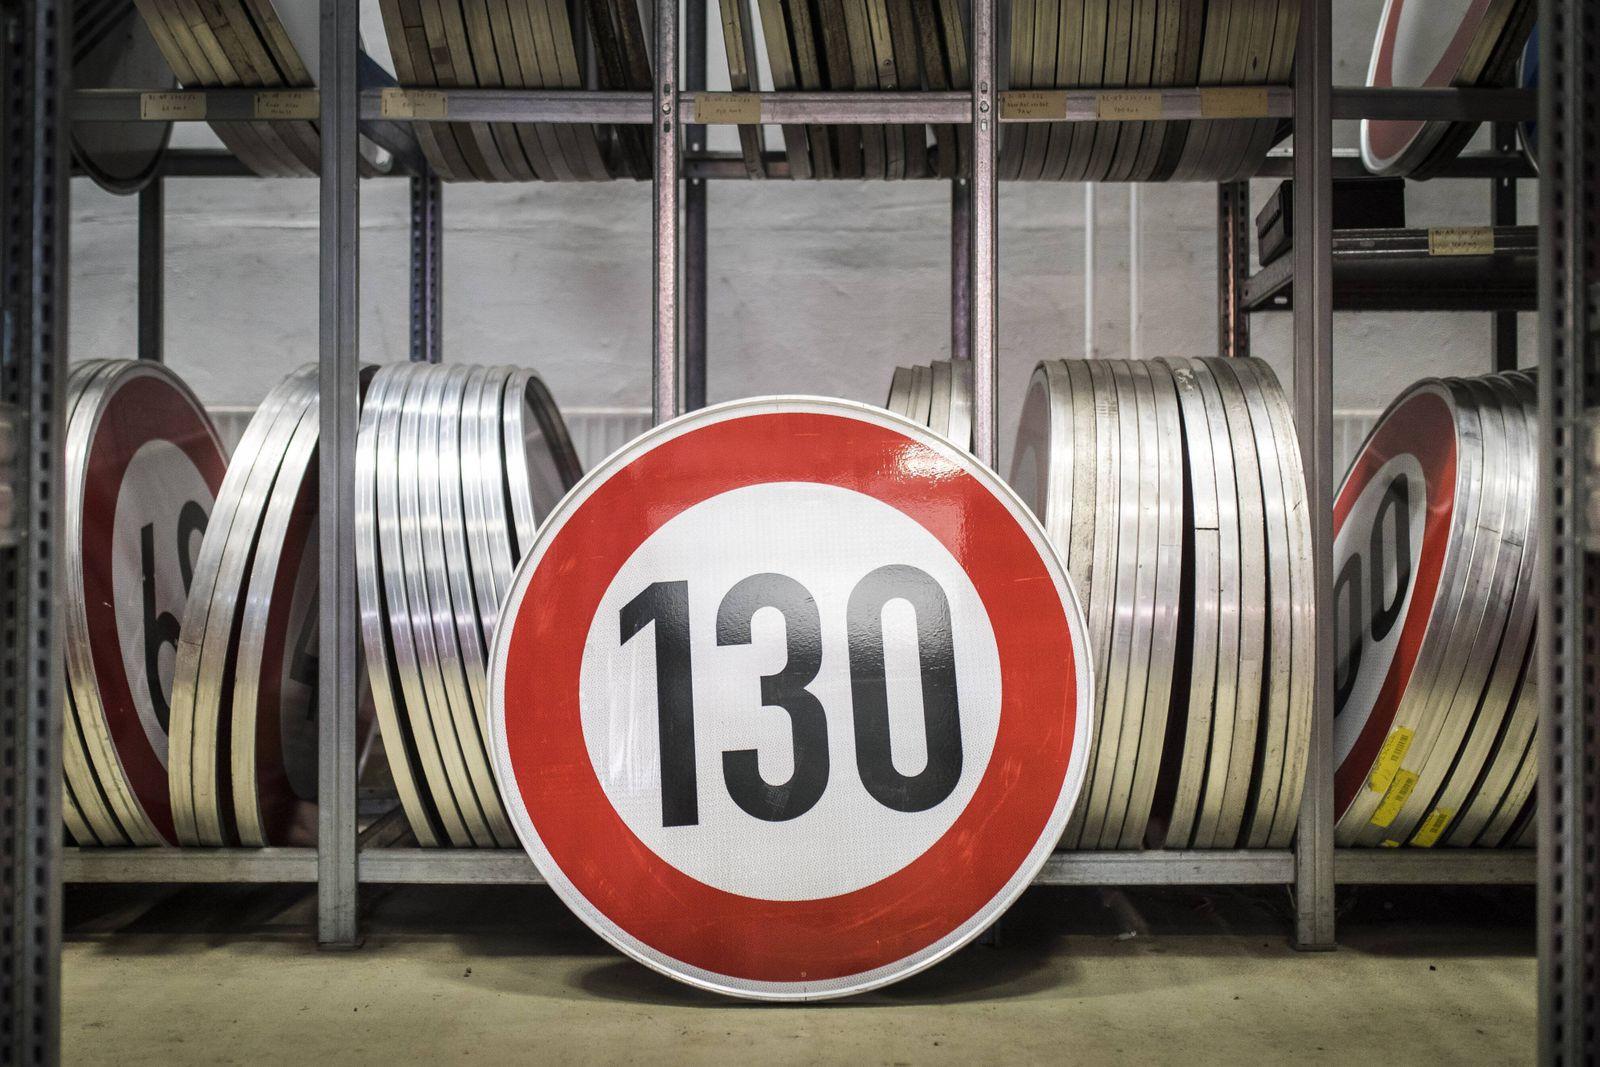 Symbolbild zum Thema Tempolimit: Ein Verkehrsschild zur Tempobegrenzung auf 130 km/h steht in einem Depot der Autobahnm